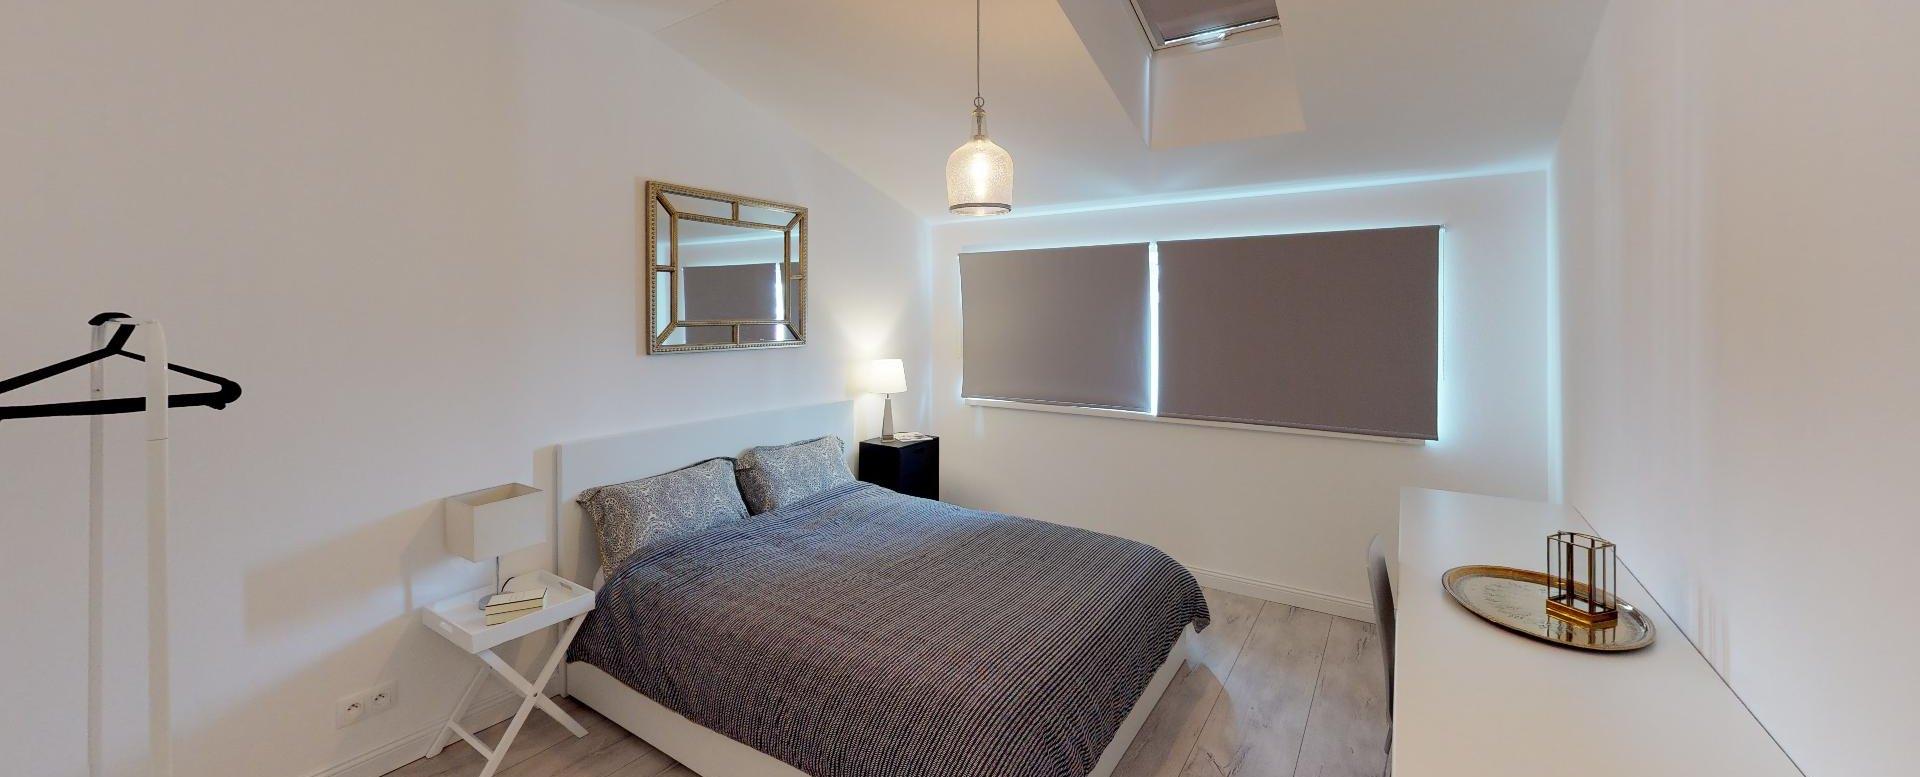 druhá spálňa